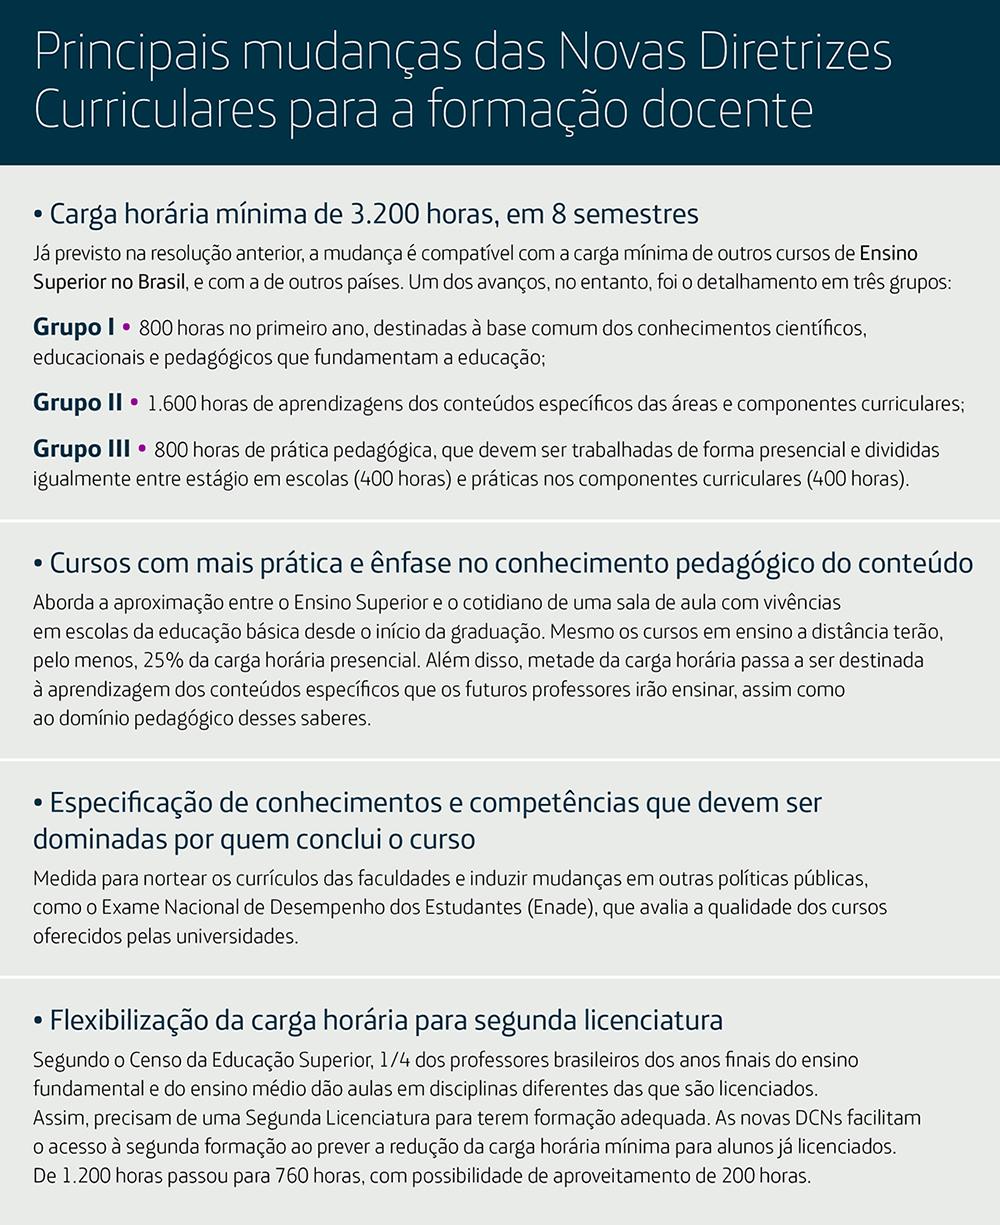 Infográfico com as principais mudanças trazidas pelas Novas Diretrizes Curriculares para formação docente